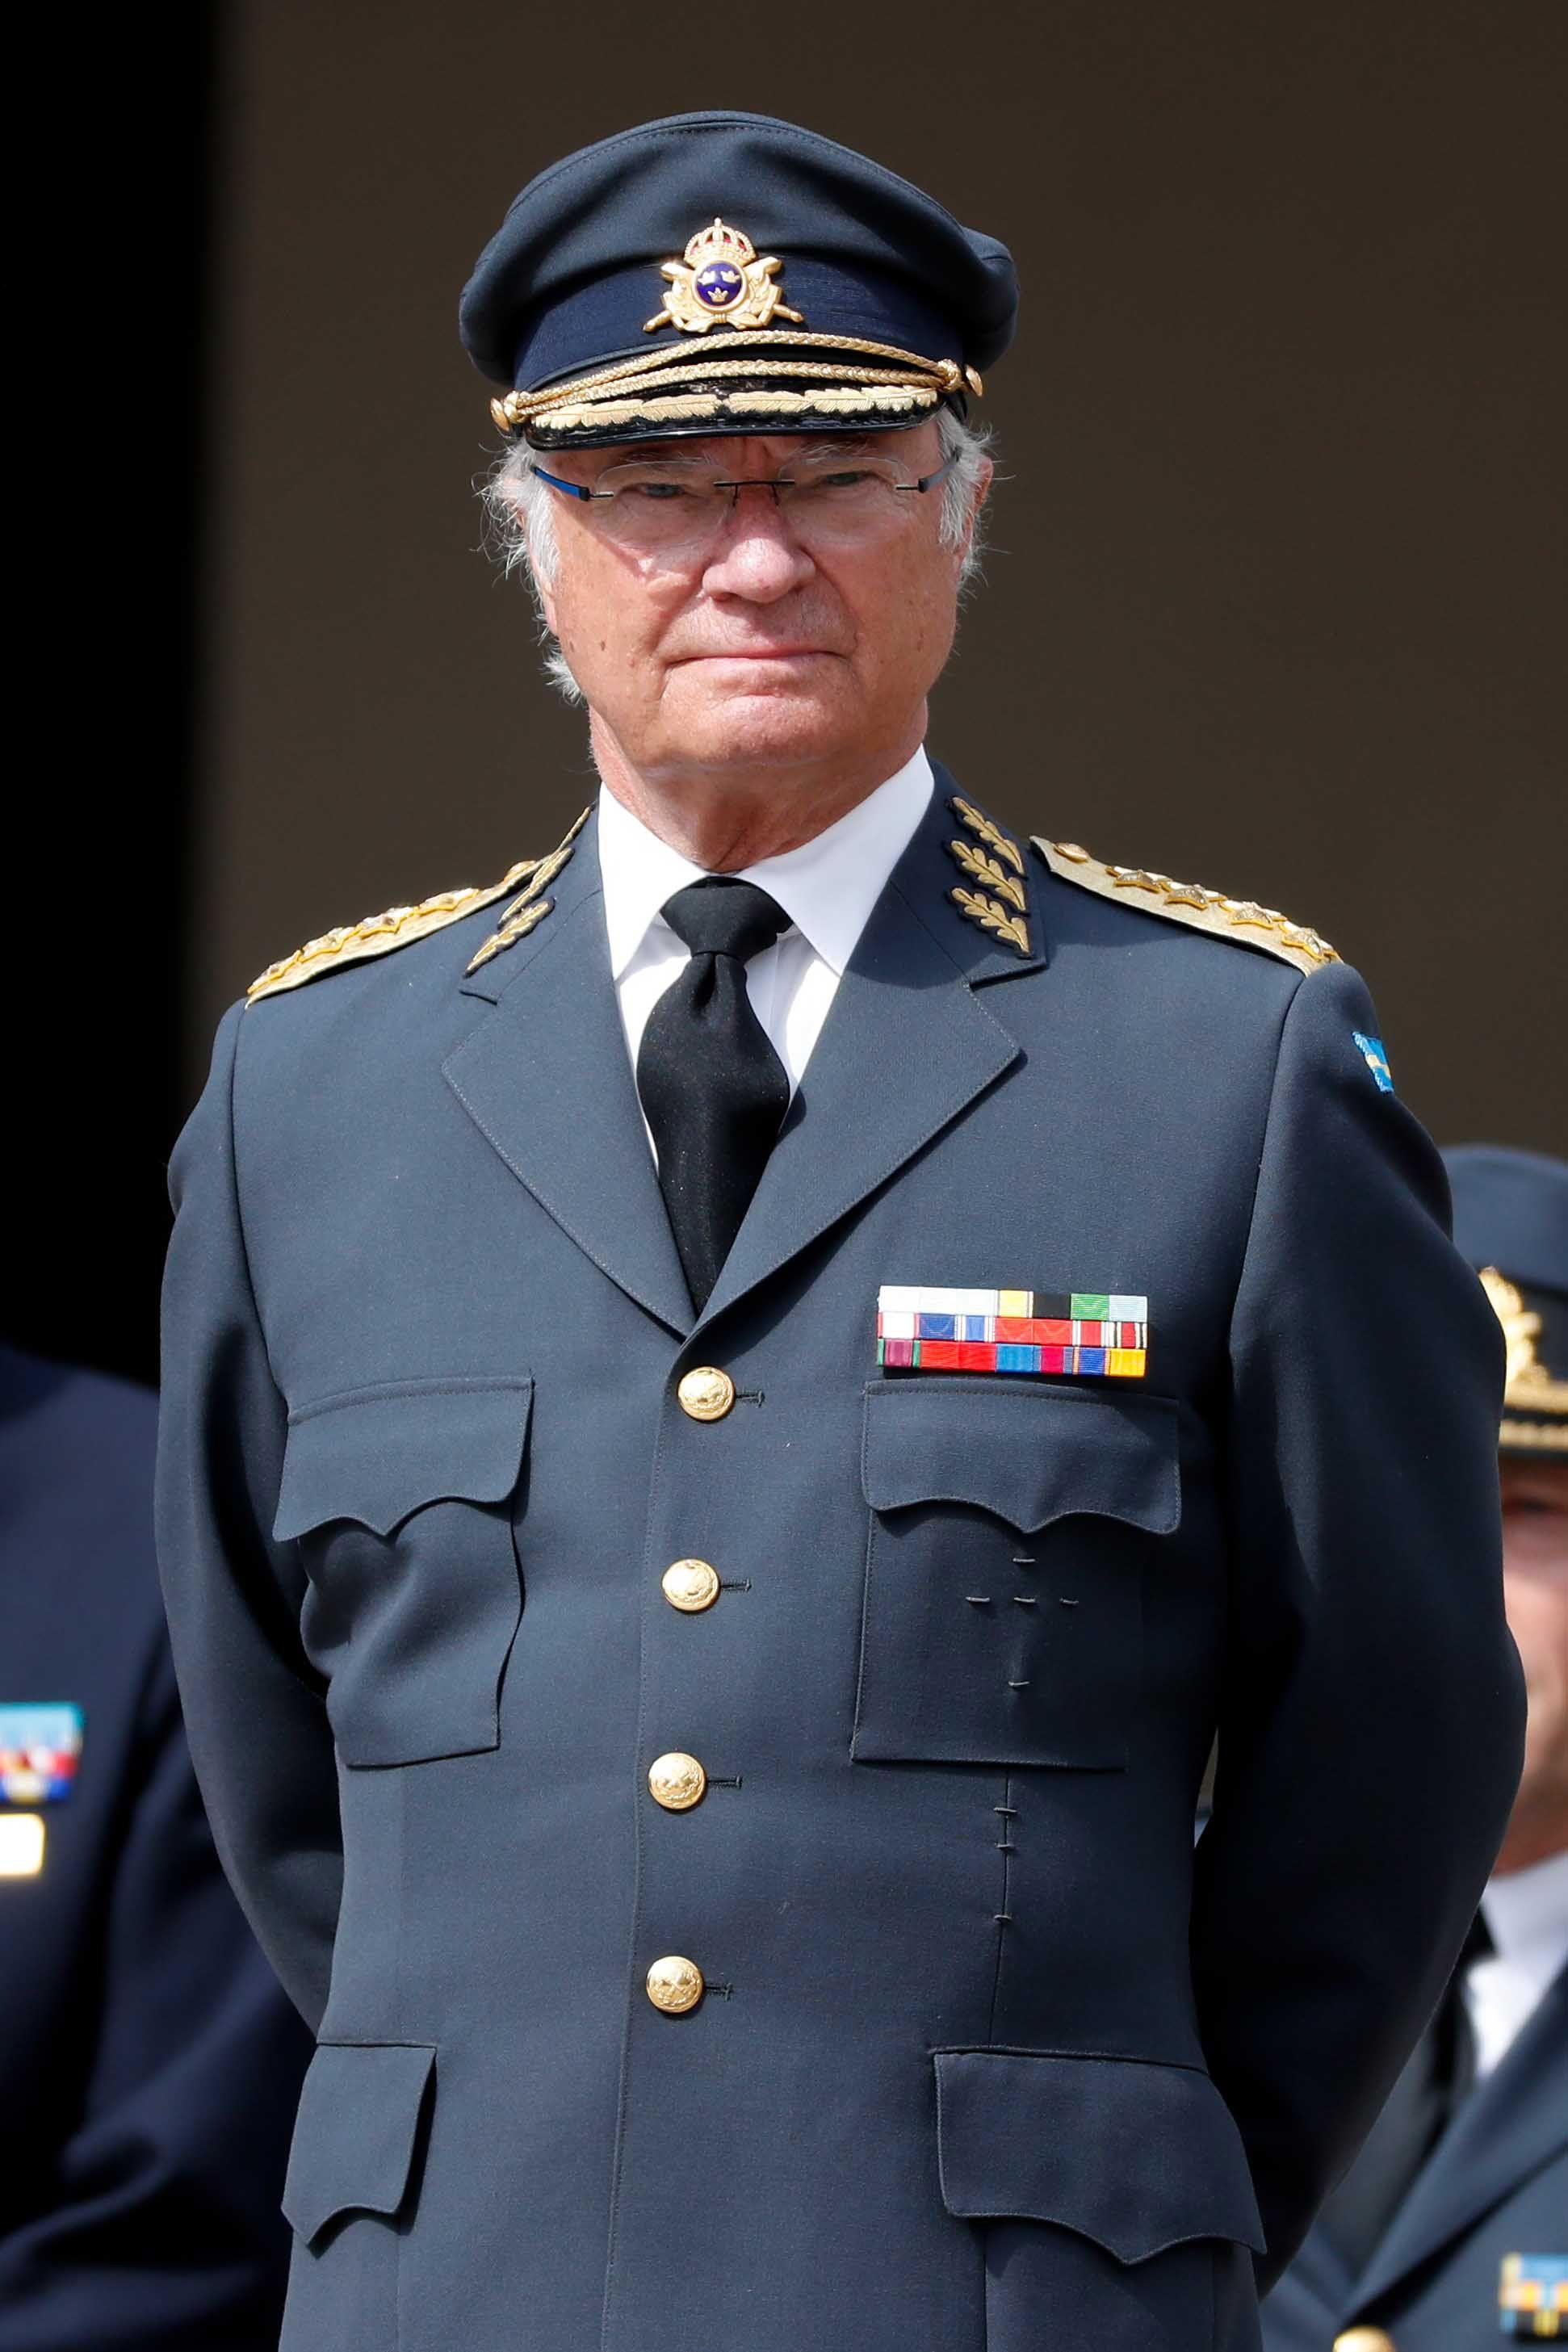 König Carl XVI Gustaf von Schweden